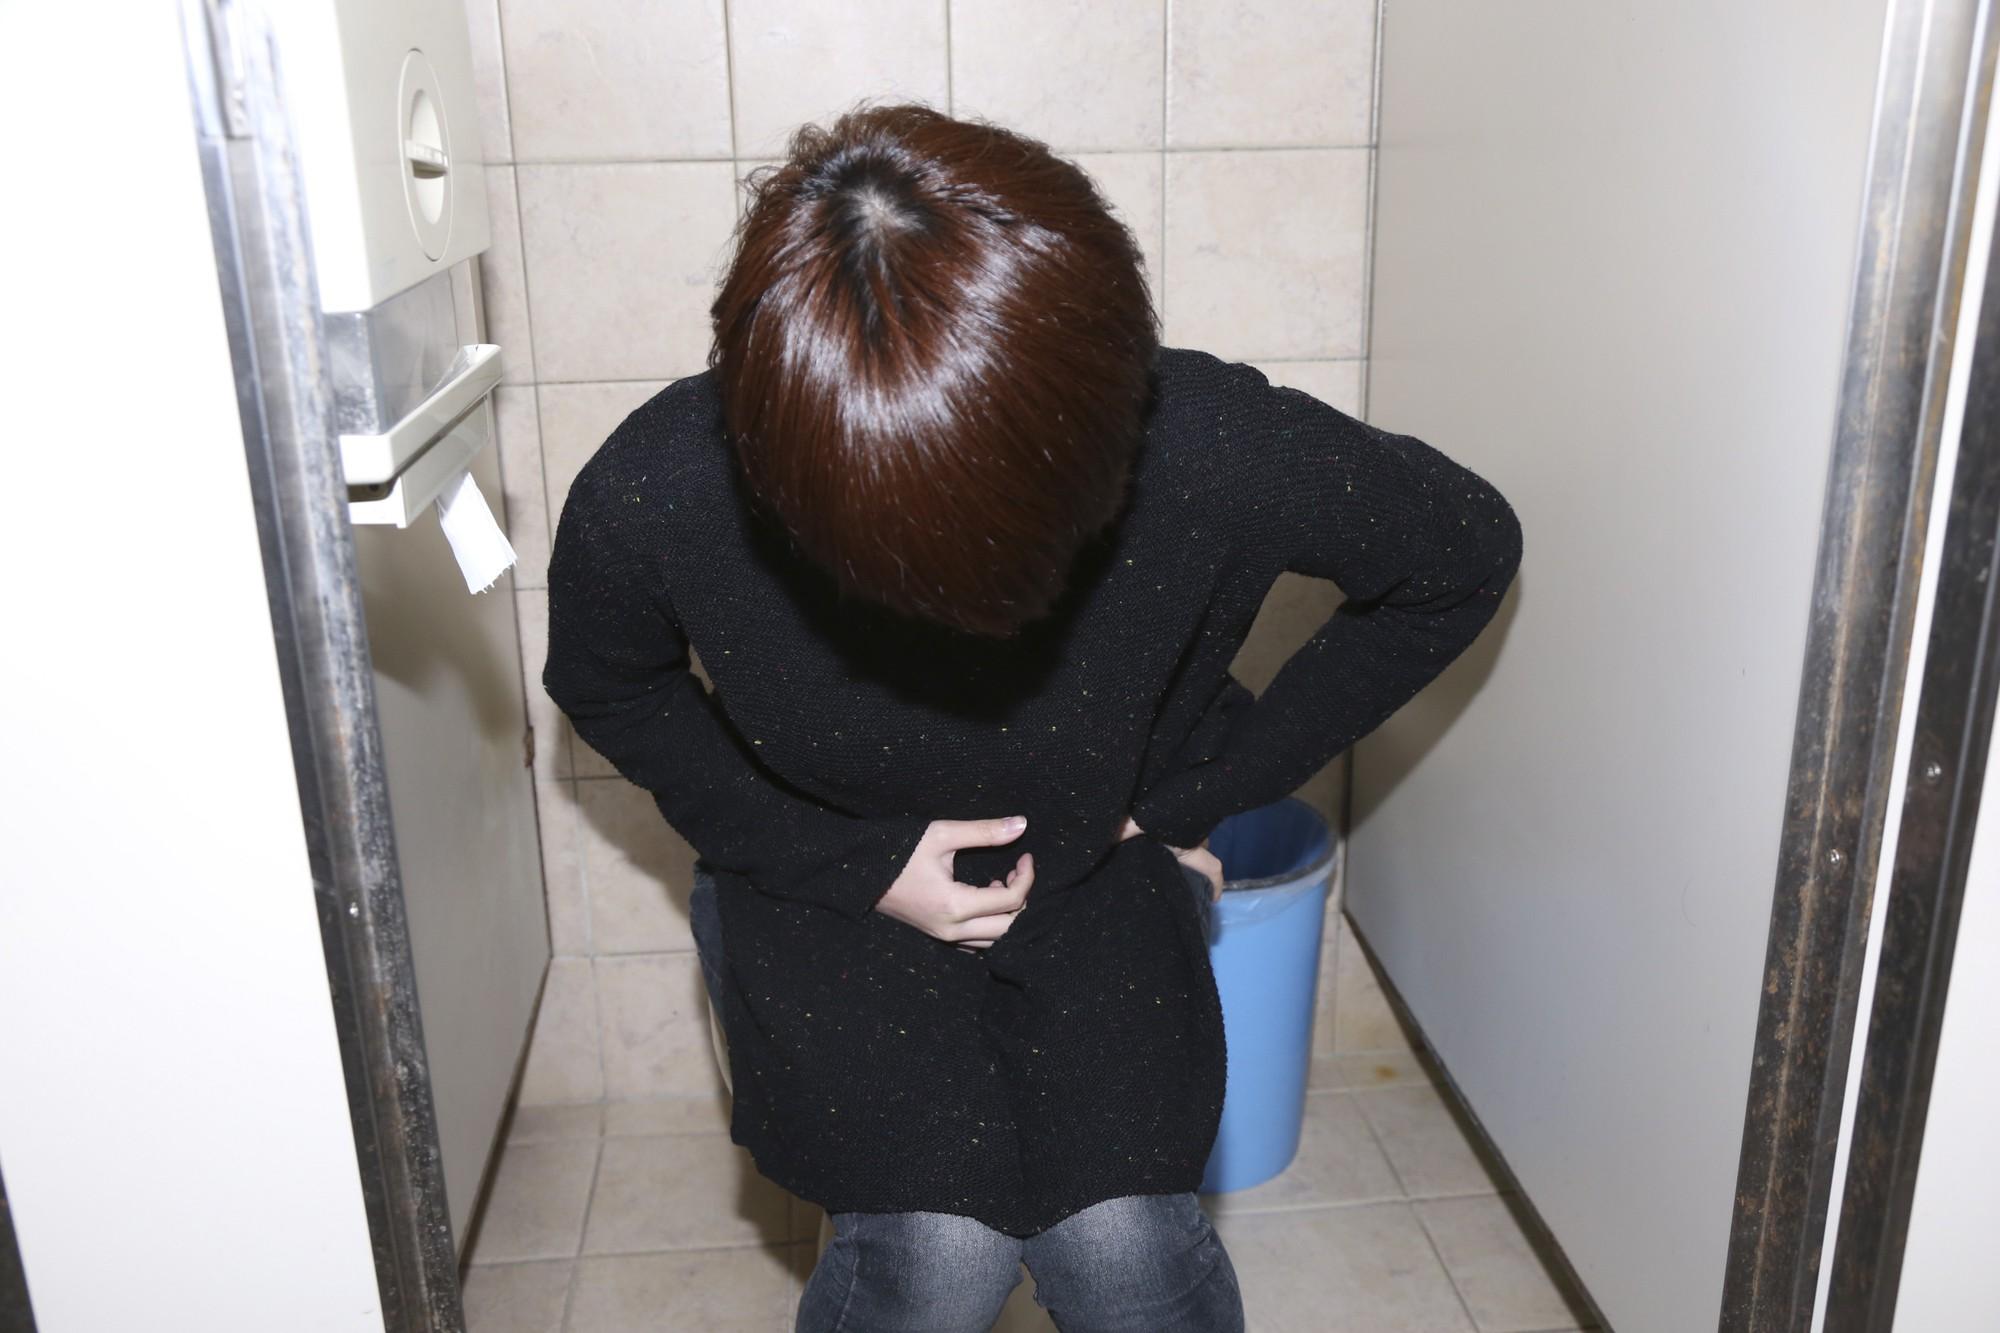 Cô gái 20 tuổi thường vào nhà vệ sinh tới 3 - 4 lần sau mỗi bữa ăn chỉ vì căn bệnh mà ai cũng có khả năng mắc phải - Ảnh 1.